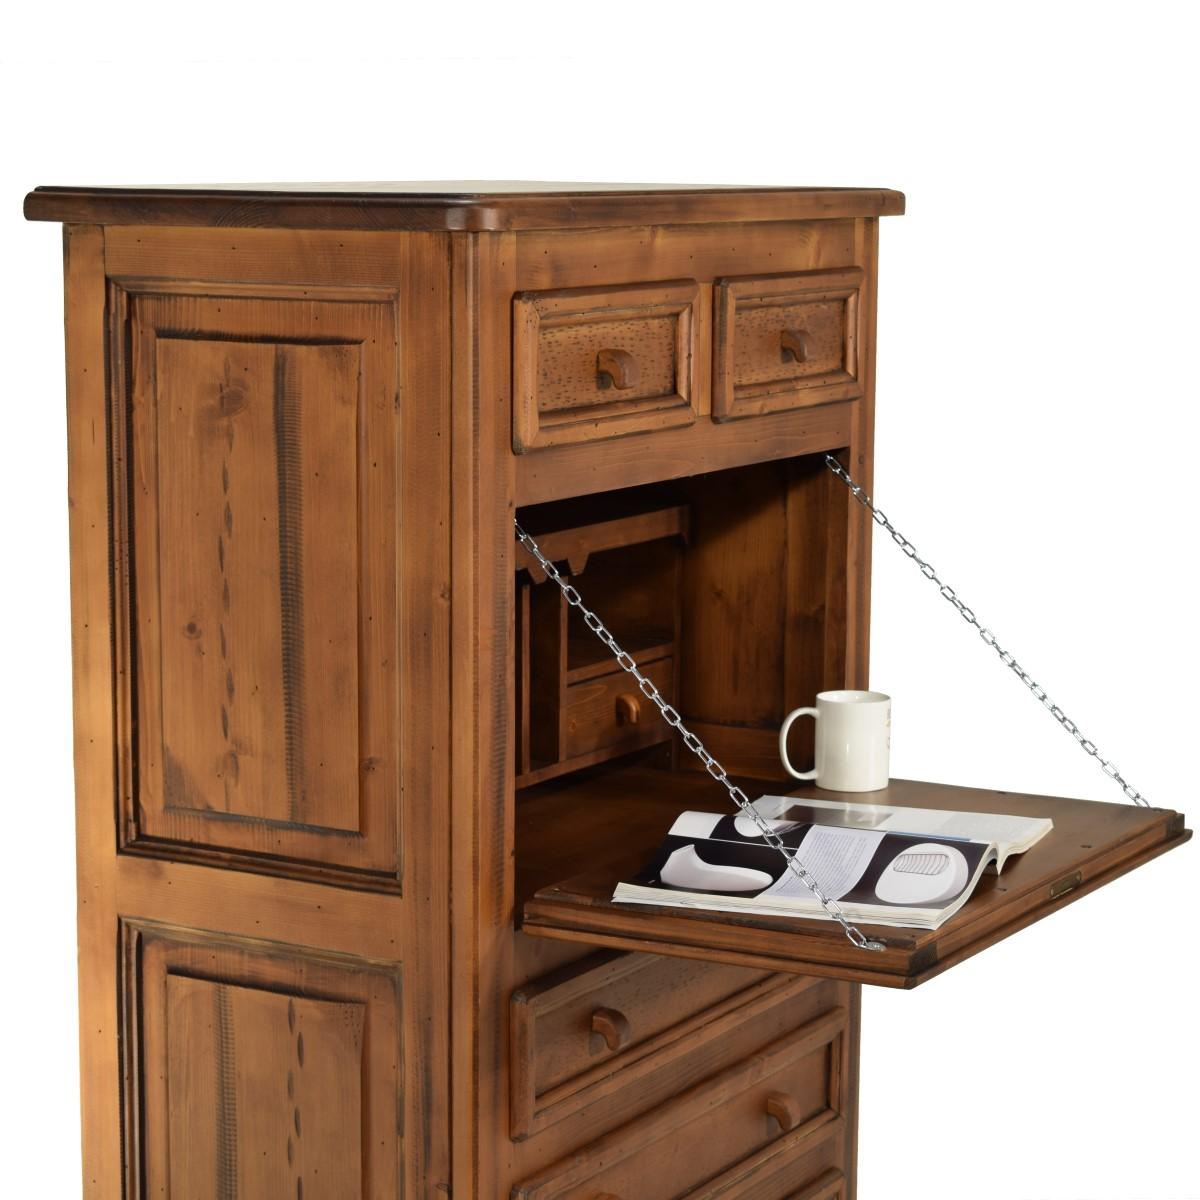 Escritorio Secreter R Stico De Madera Ecor Stico Venta De Muebles # Muebles Secreter